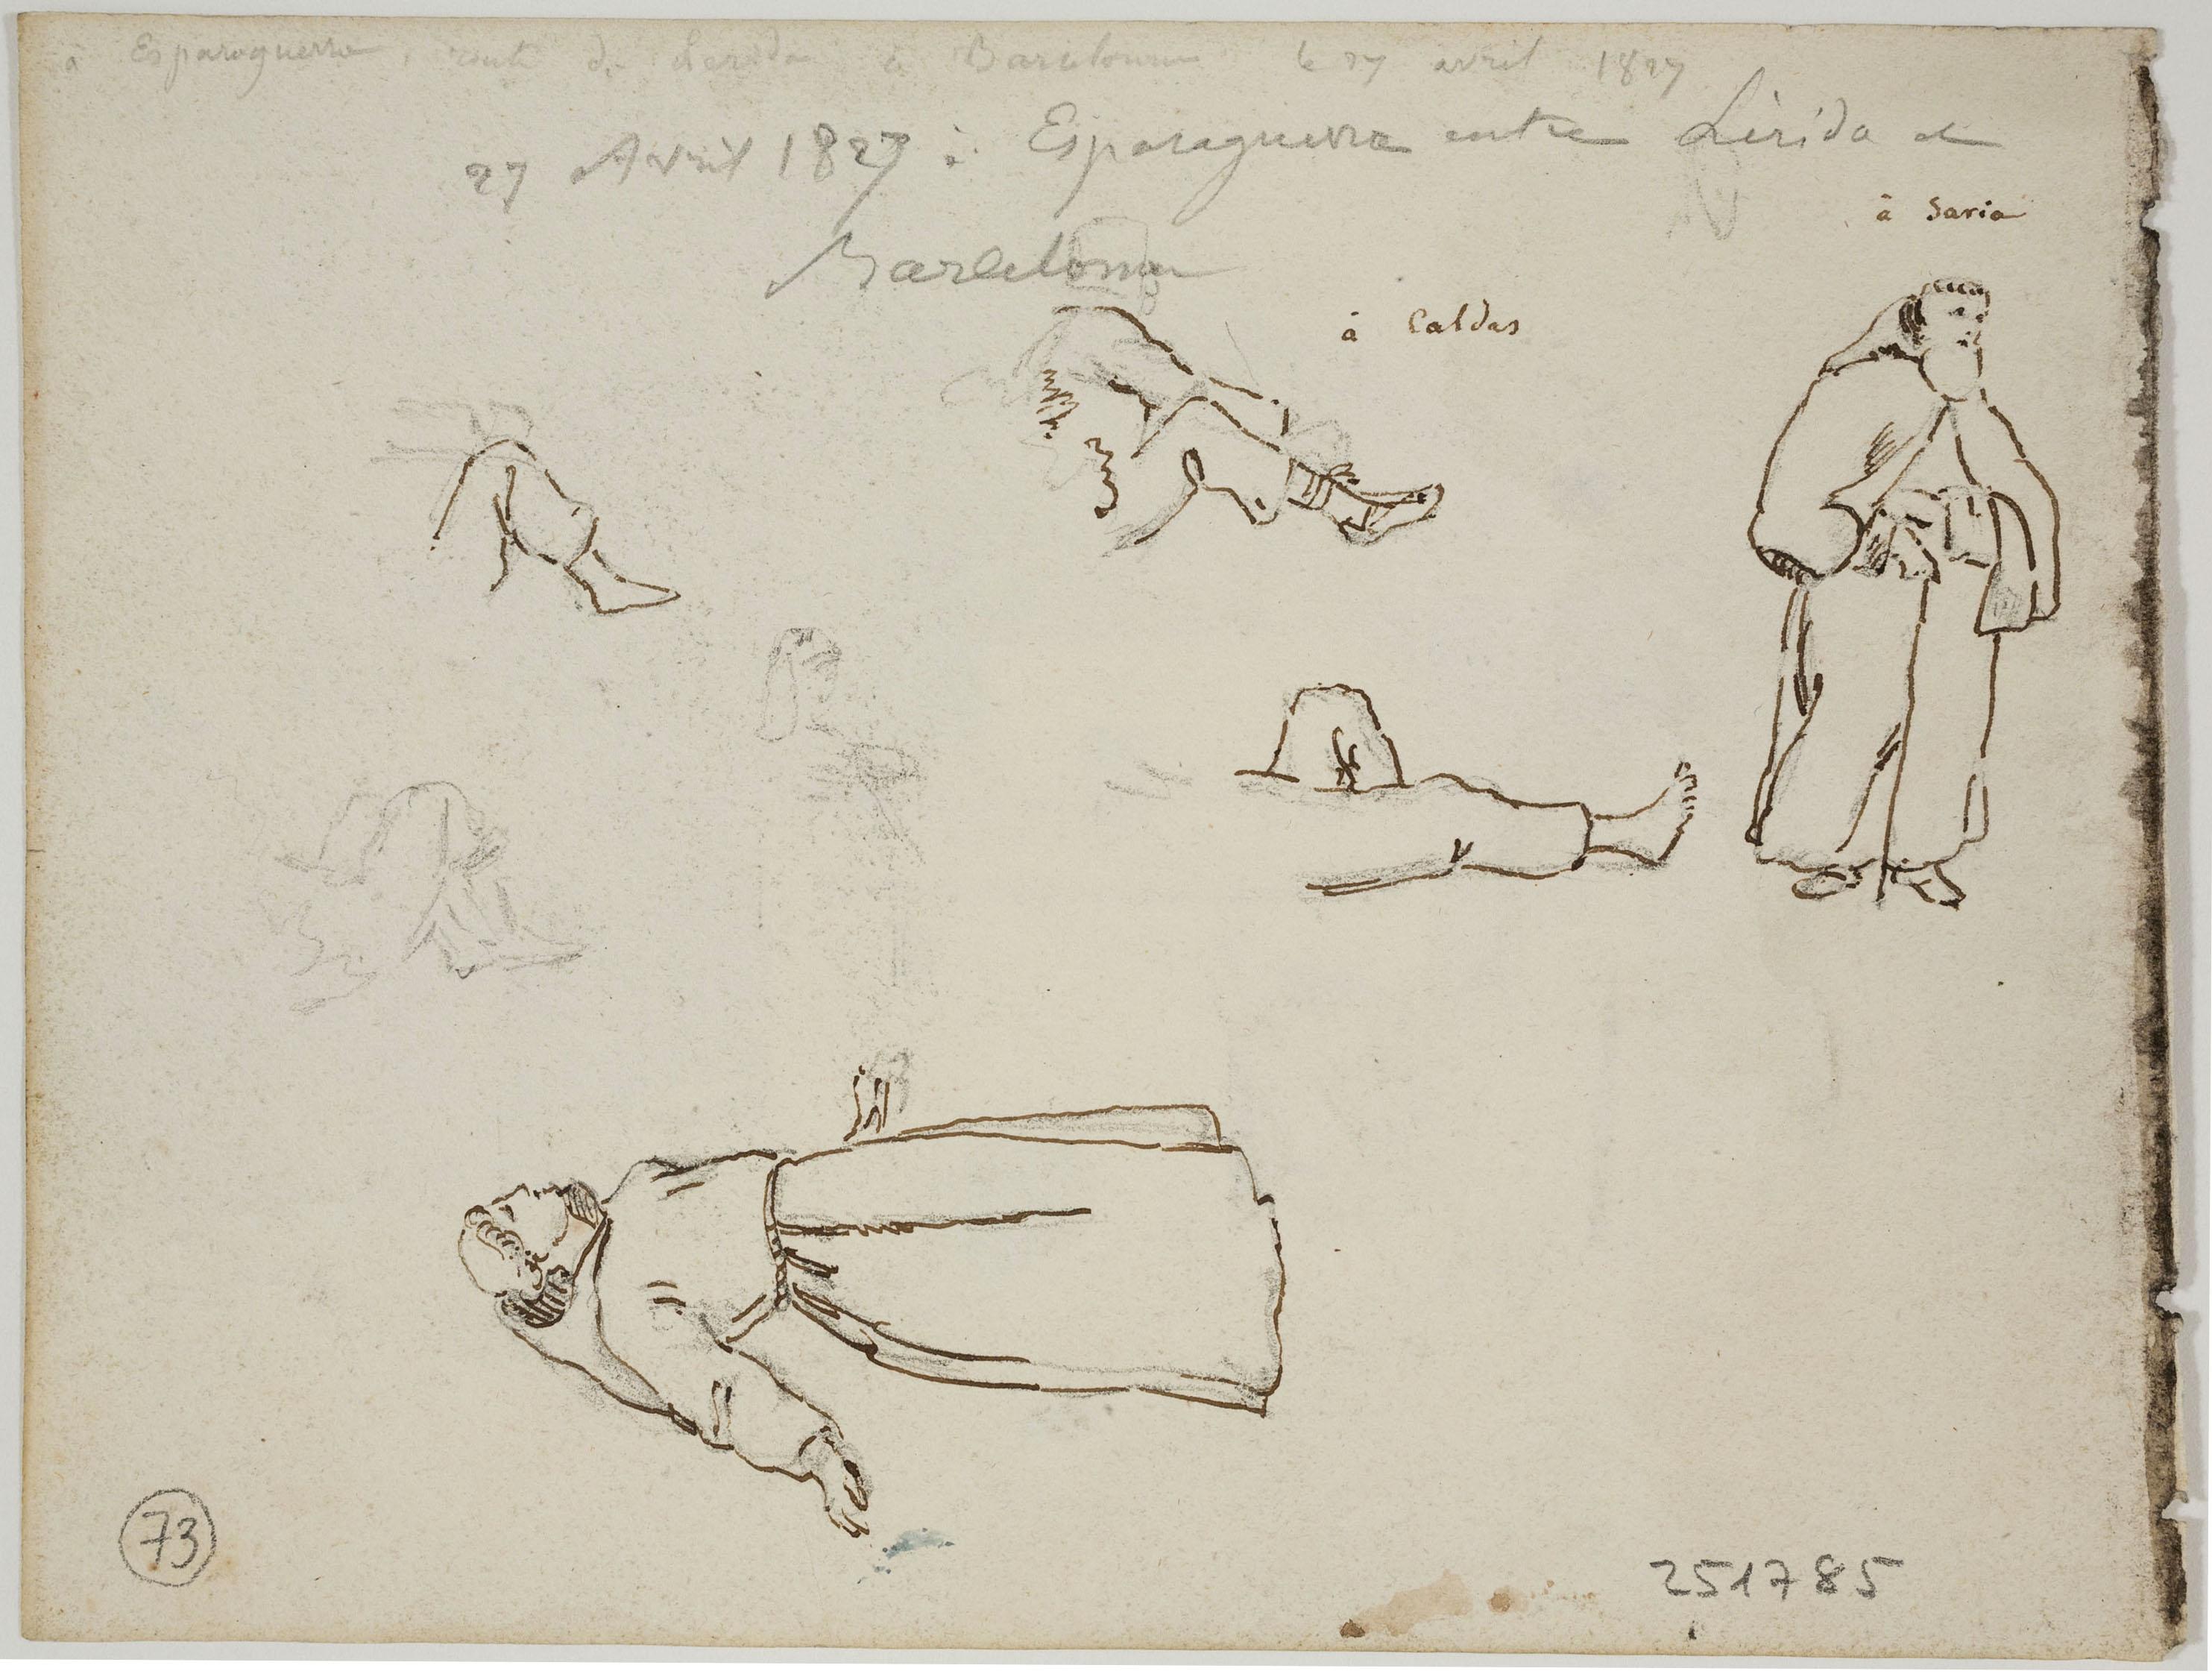 Adolphe Hedwige Alphonse Delamare - Vista de Montserrat des d'Esparreguera (anvers) / Monjos i apunts de cames (revers) - 27 d'abril de 1827 [1]